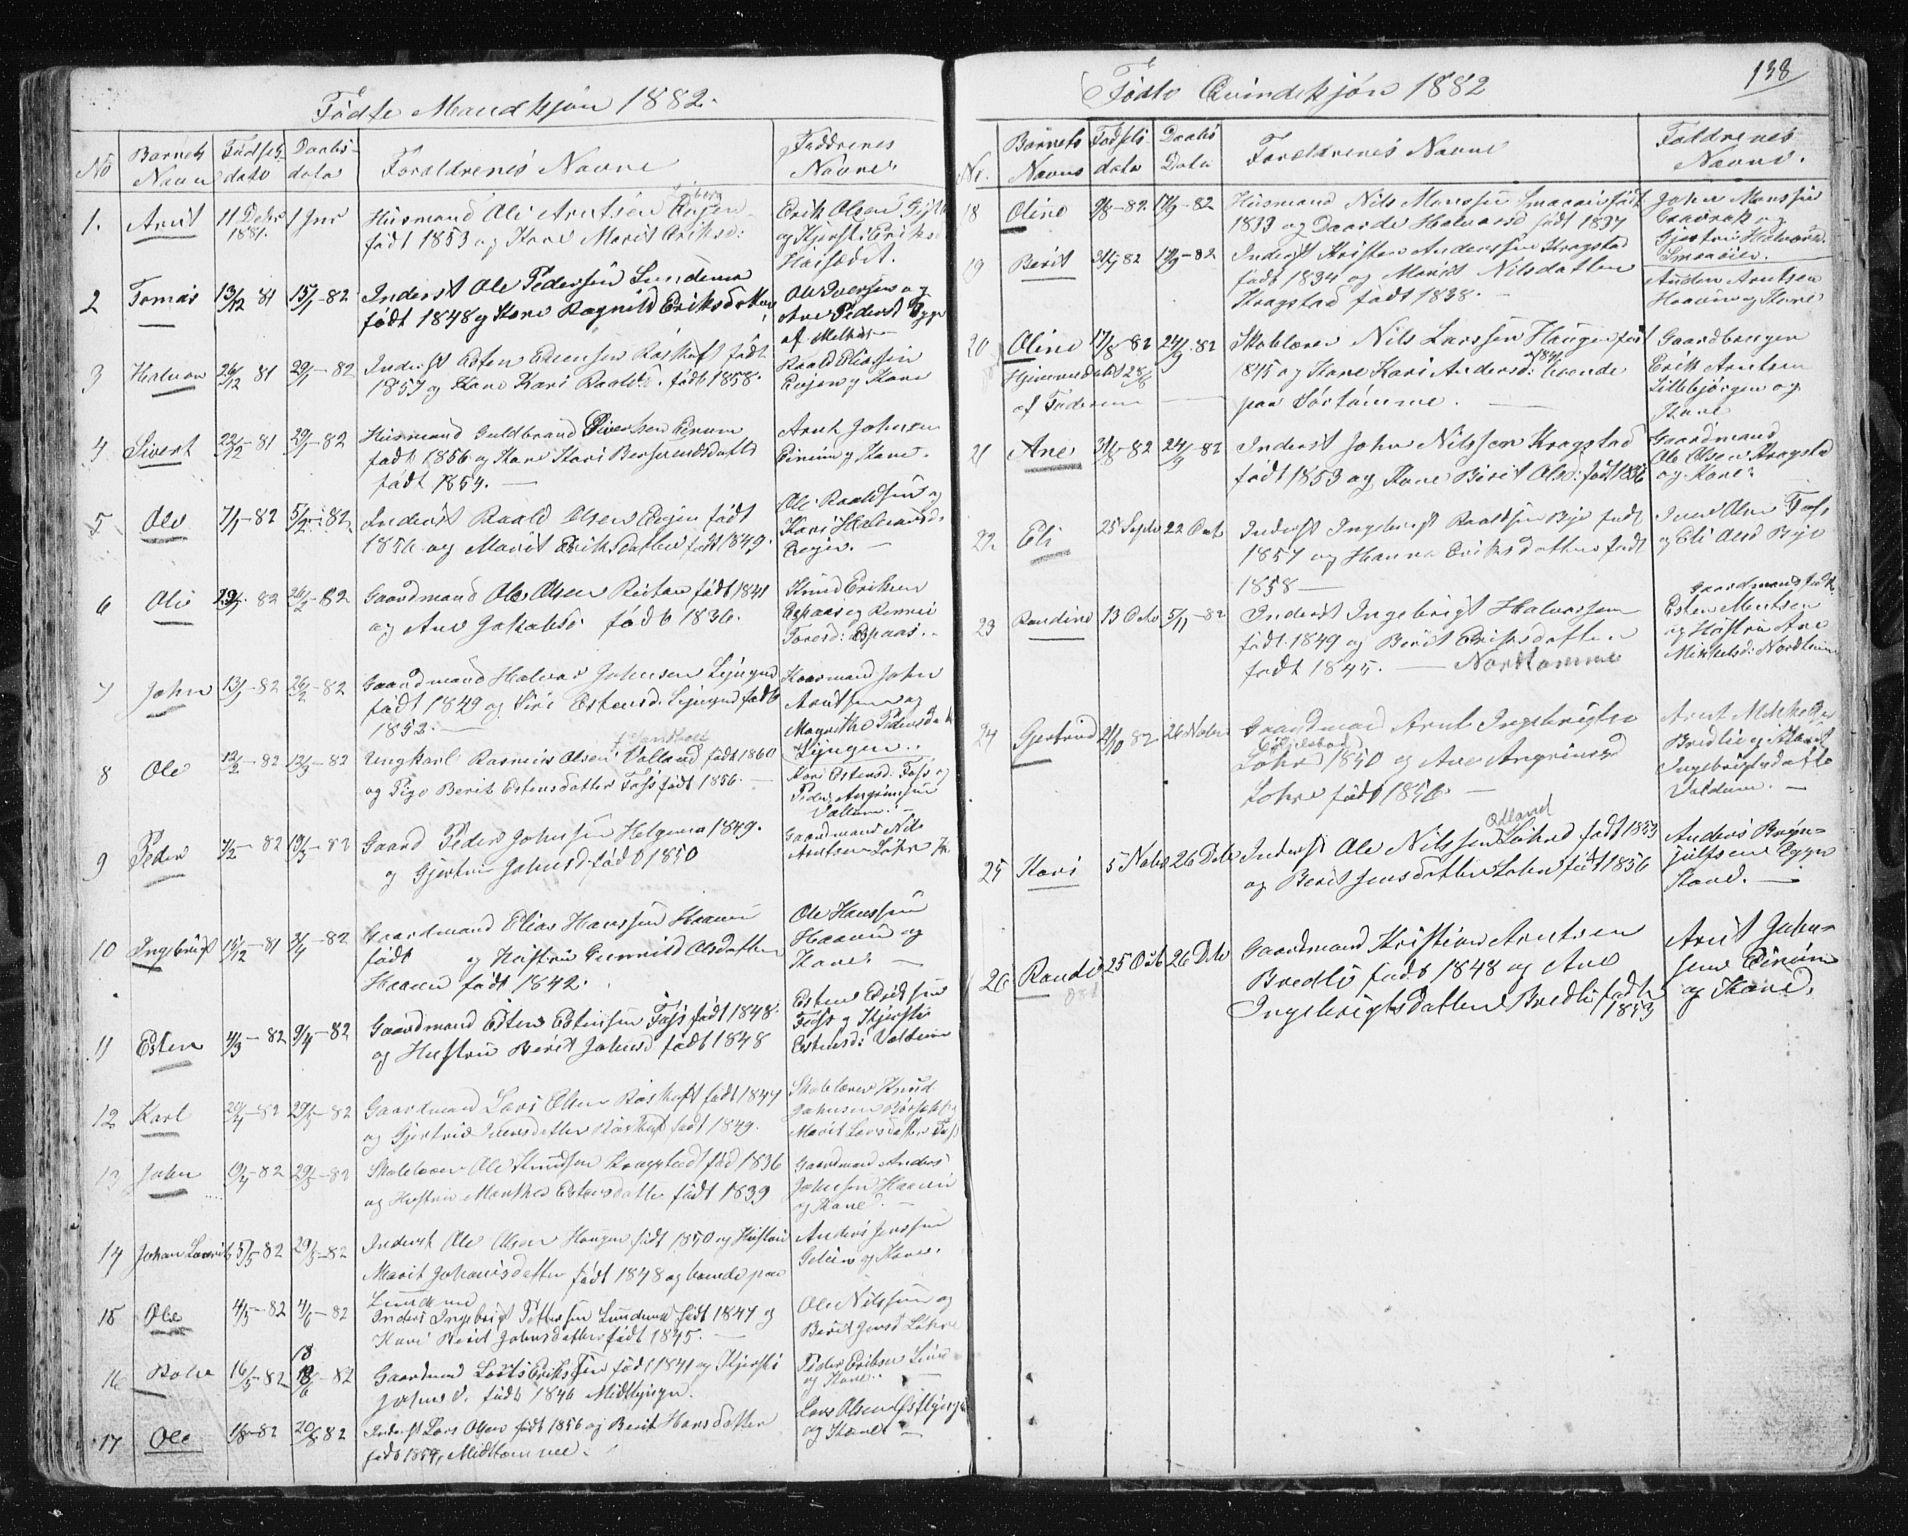 SAT, Ministerialprotokoller, klokkerbøker og fødselsregistre - Sør-Trøndelag, 692/L1110: Klokkerbok nr. 692C05, 1849-1889, s. 138